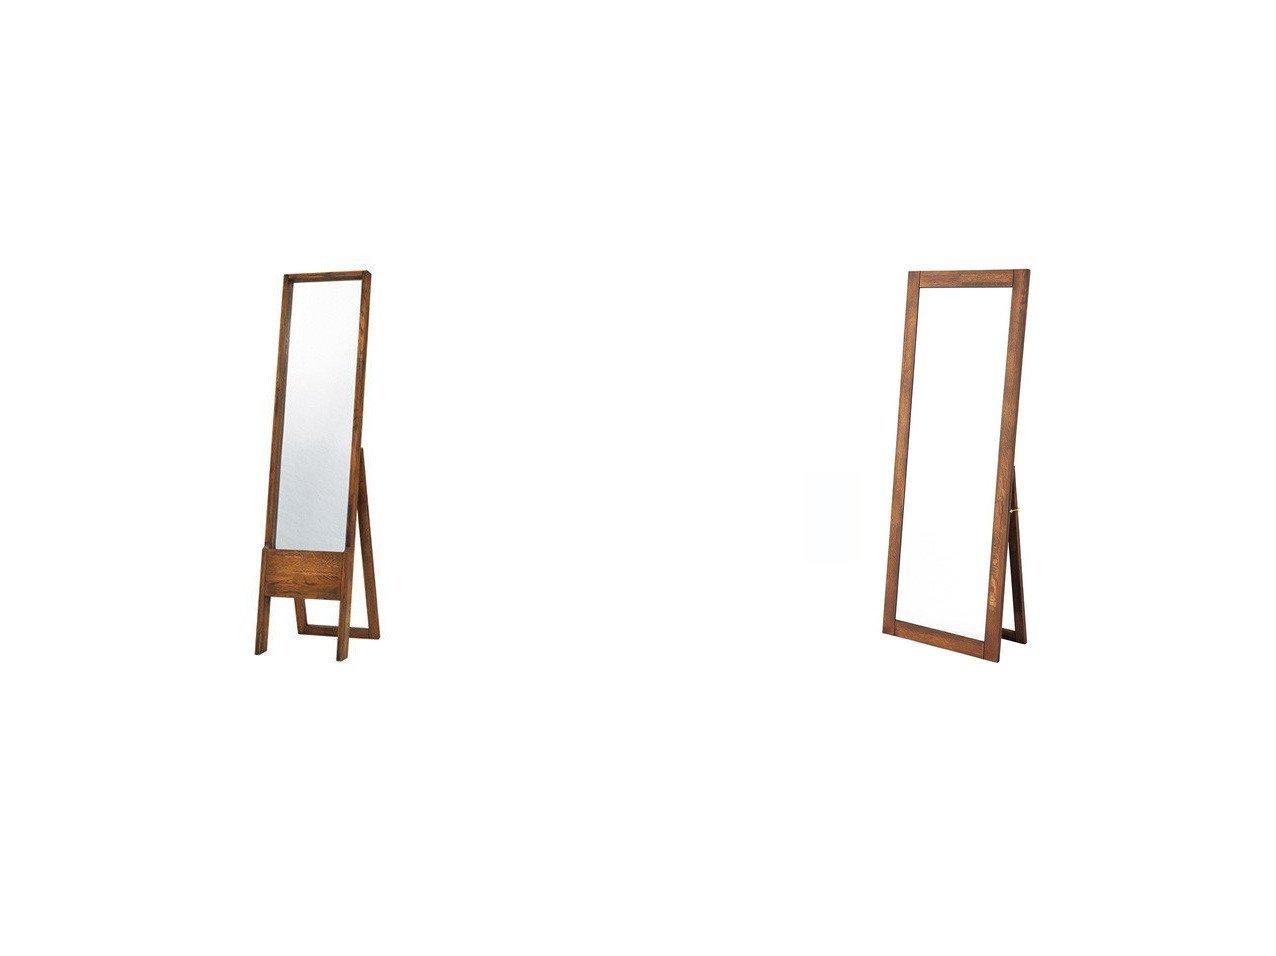 【whisky oak series/ウイスキーオークシリーズ】のミラー 幅35cm&ミラー 幅60cm 【ミラー・鏡 お家時間 FURNITURE】おすすめ!人気、インテリア雑貨・家具の通販 おすすめで人気の流行・トレンド、ファッションの通販商品 インテリア・家具・メンズファッション・キッズファッション・レディースファッション・服の通販 founy(ファニー) https://founy.com/ 送料無料 Free Shipping スタンド フレーム 雑誌 ホーム・キャンプ・アウトドア Home,Garden,Outdoor,Camping Gear 家具・インテリア Furniture ミラー・ドレッサー Mirror ミラー・鏡 ホーム・キャンプ・アウトドア Home,Garden,Outdoor,Camping Gear 家具・インテリア Furniture ミラー・ドレッサー Mirror ドレッサー  ID:crp329100000054463